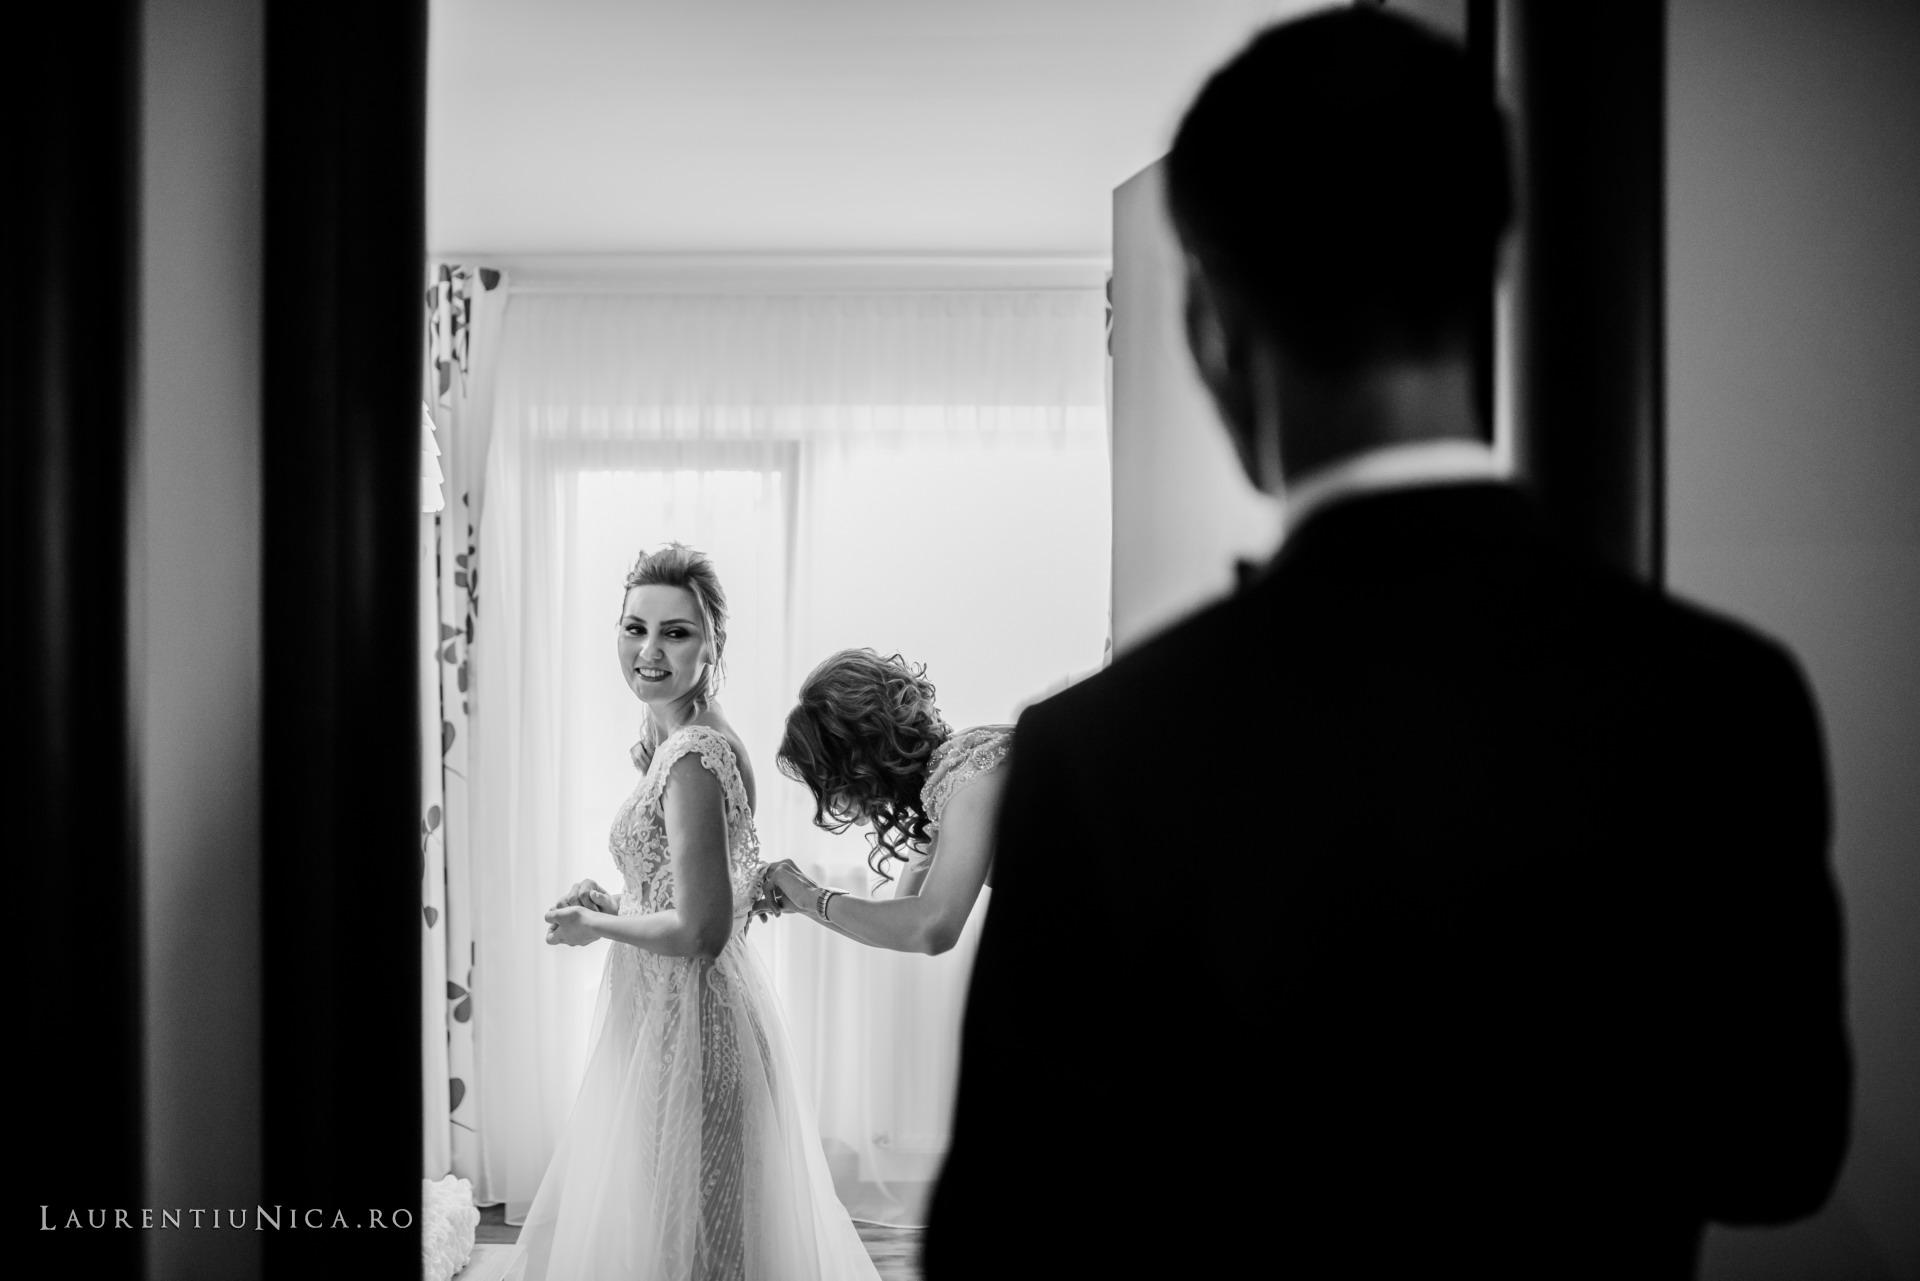 carolina si sorin craiova fotograf nunta laurentiu nica14 - Carolina & Sorin | Fotografii nunta